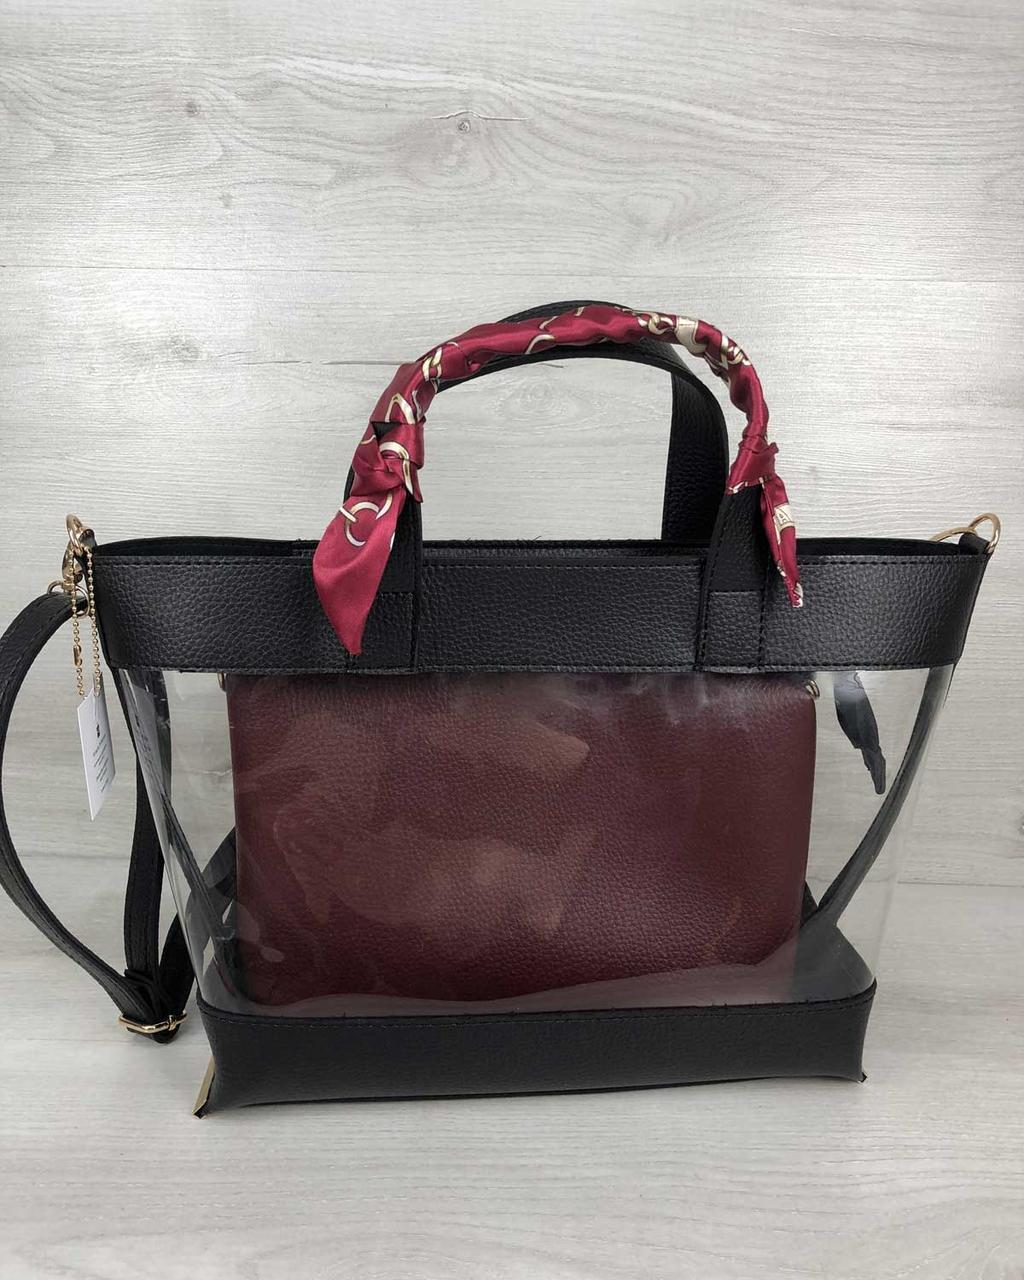 2в1 Молодежная сумка Амира черного цвета с силиконом и бордовой косметичкой